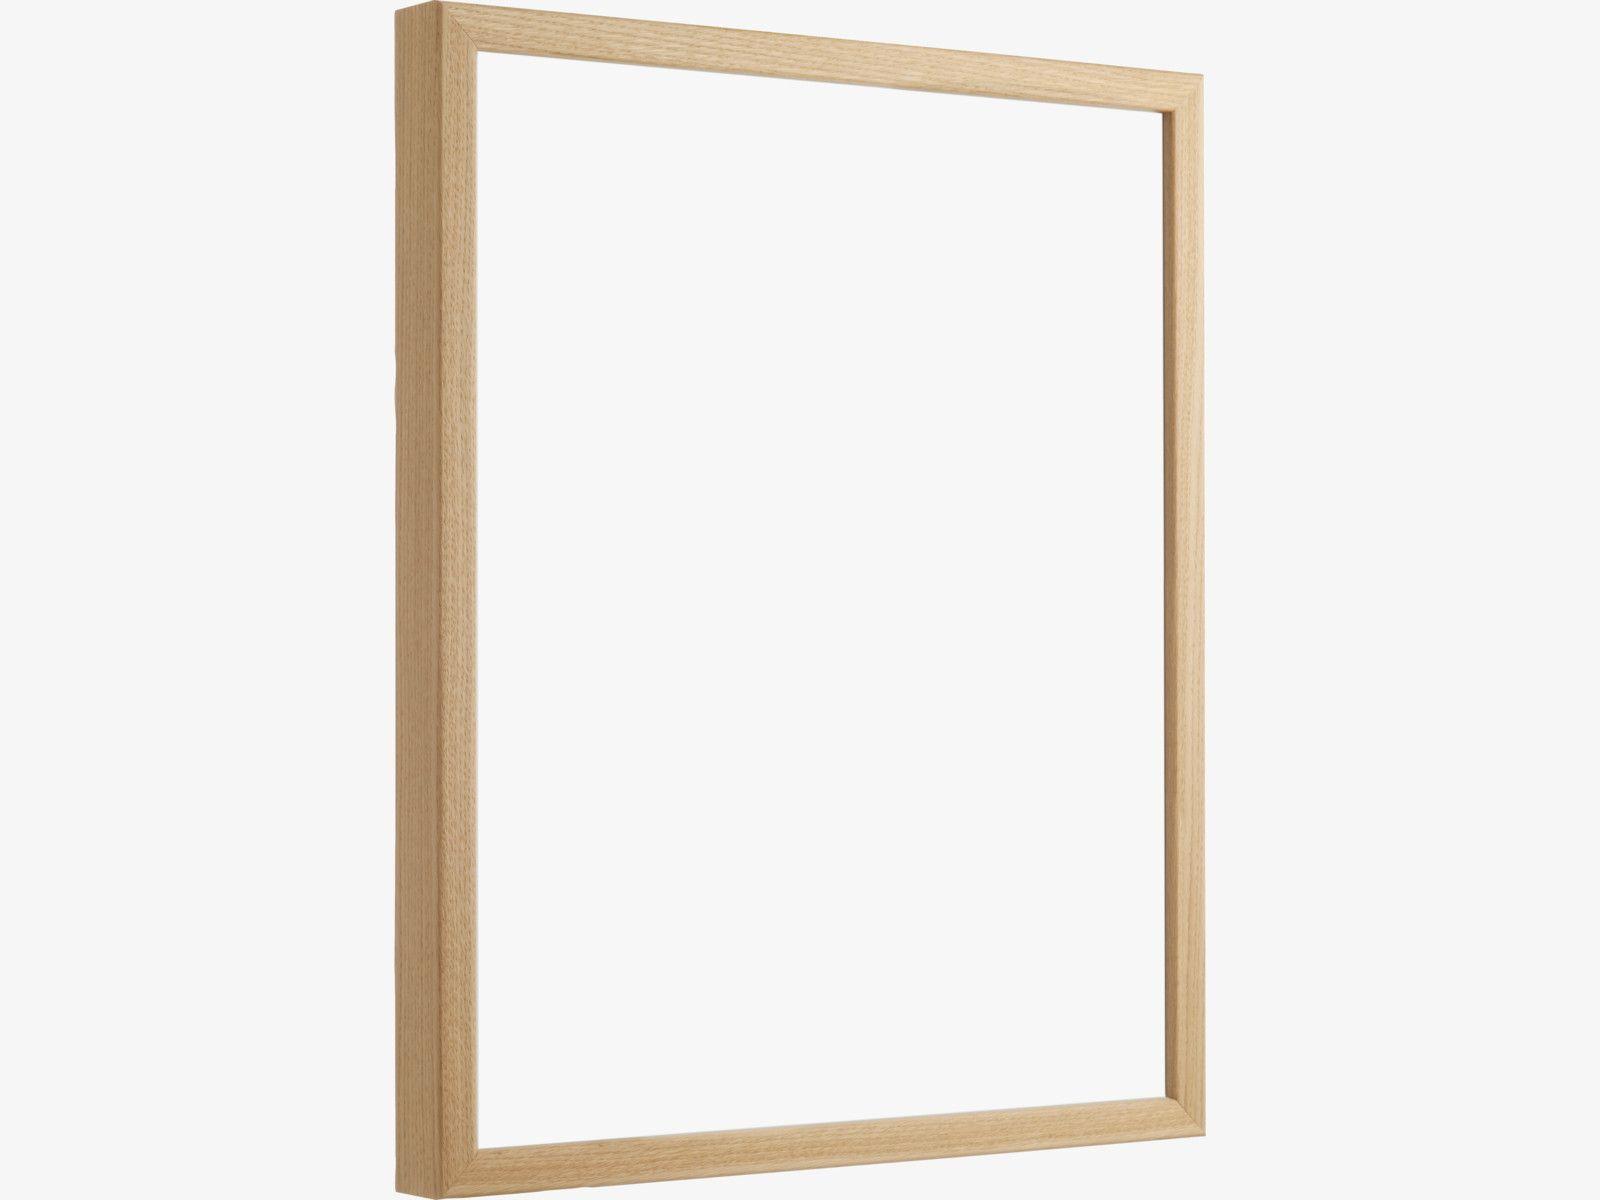 40x60 poster frame